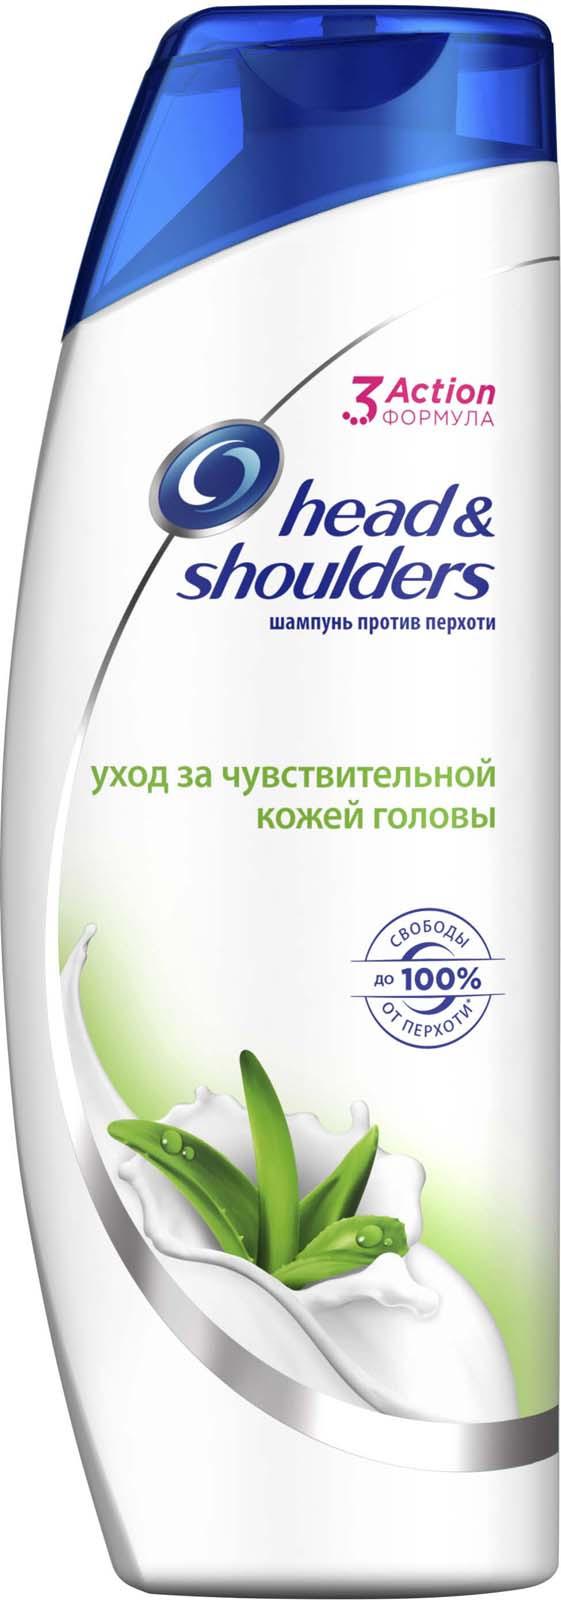 """Шампунь против перхоти Head&Shoulders """"Уход за чувствительной кожей головы"""", 600 мл"""